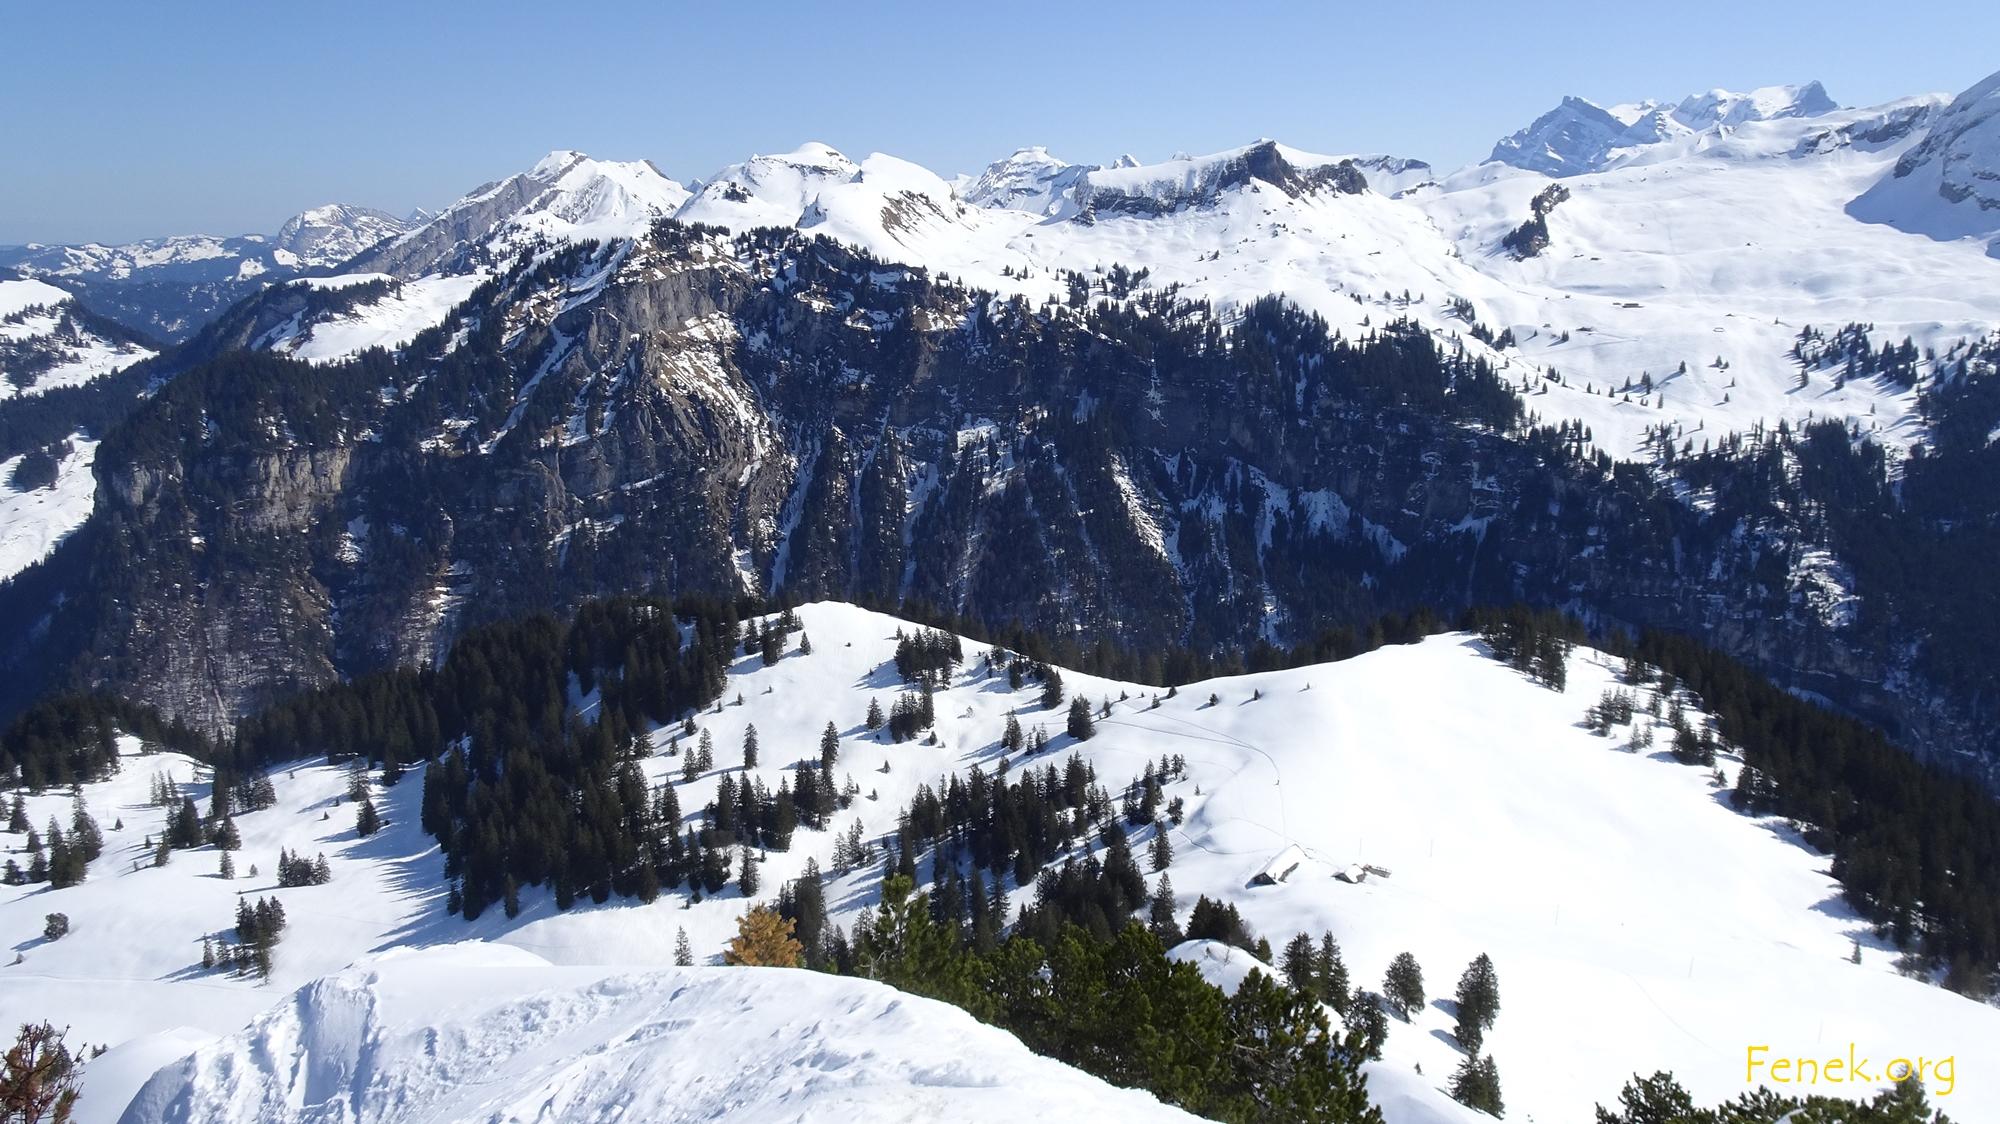 dort war meine letzte Skitour - Biet/Fidisberg